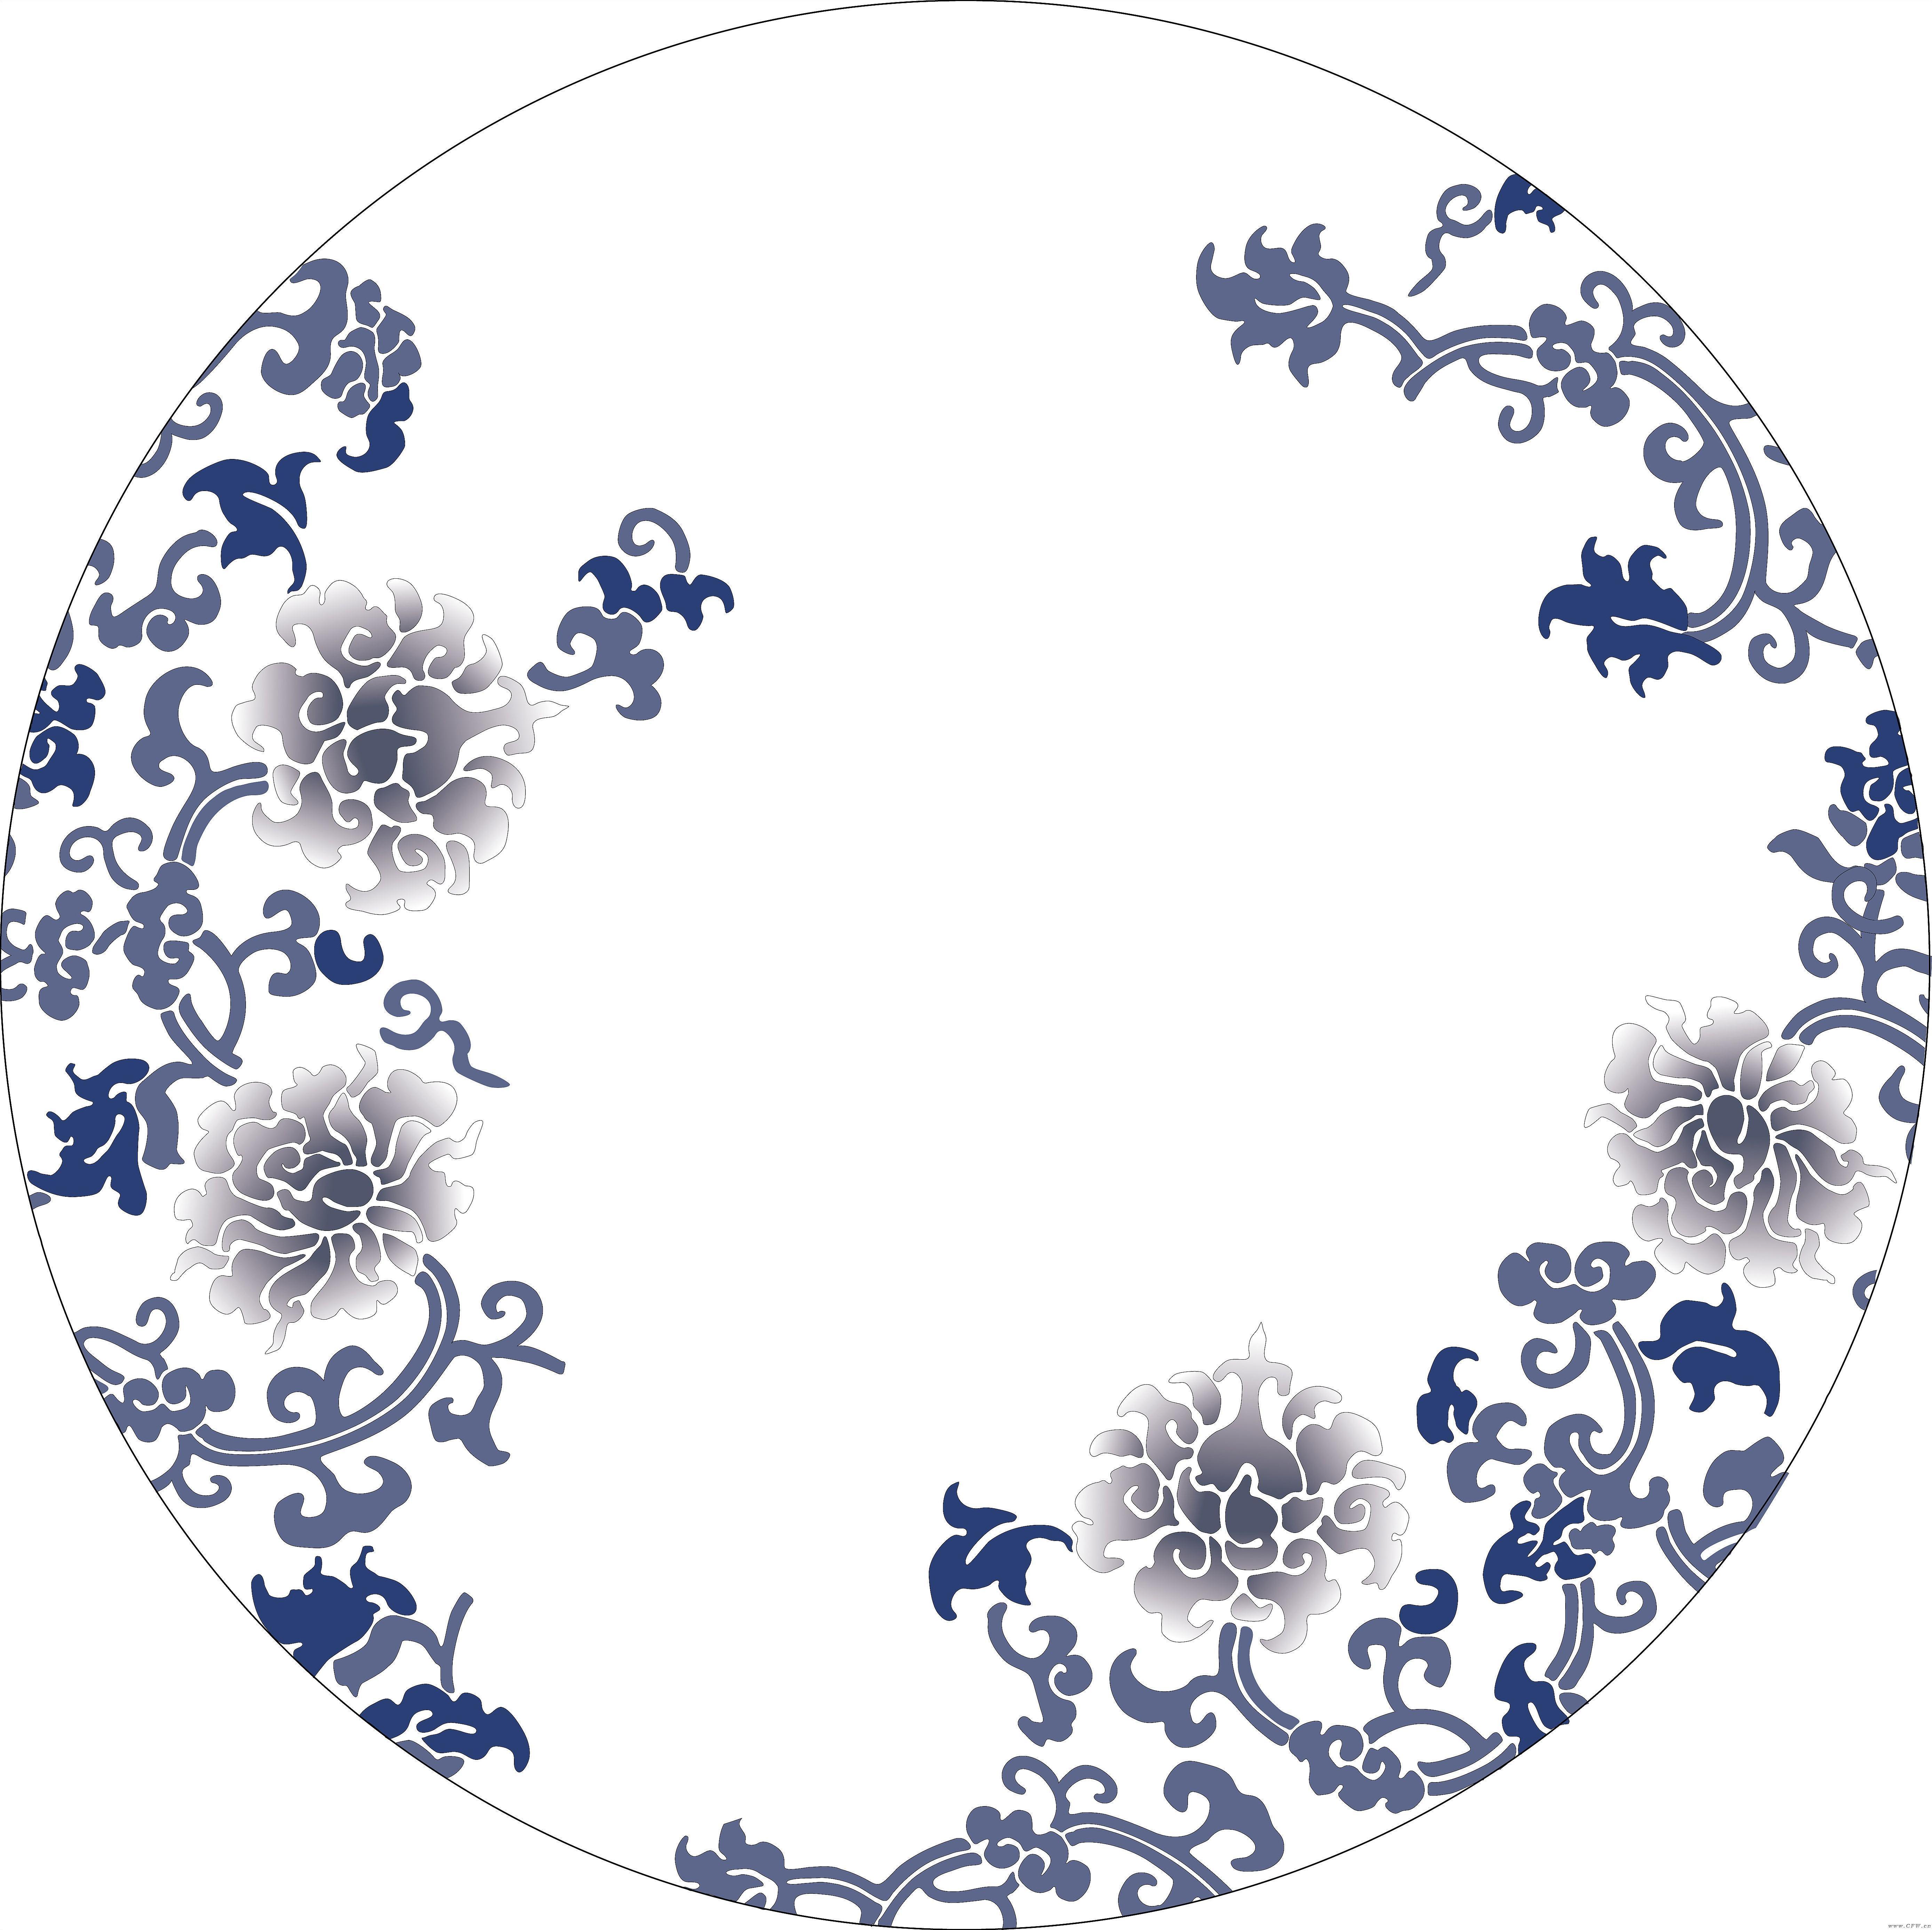 中国服装设计创新大赛十佳作品奖-图案设计设计-服装